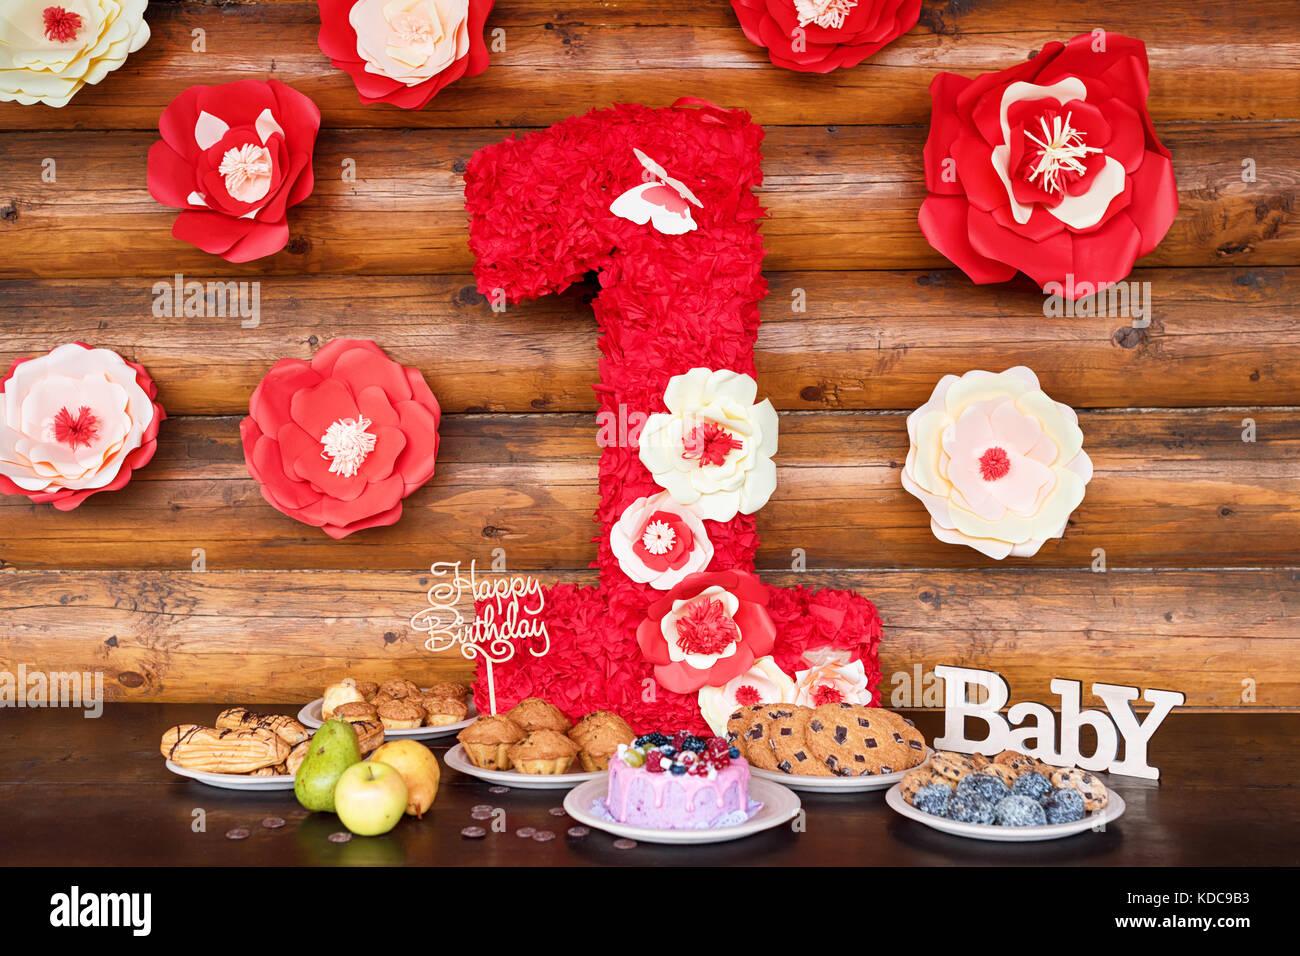 Geburtstag Kuchen Und Muffins Mit Hölzernen Gruß Anzeichen Auf Rustikalen  Hintergrund. Holz  Singen Mit Buchstaben Happy Birthday, Baby Und Urlaub ...